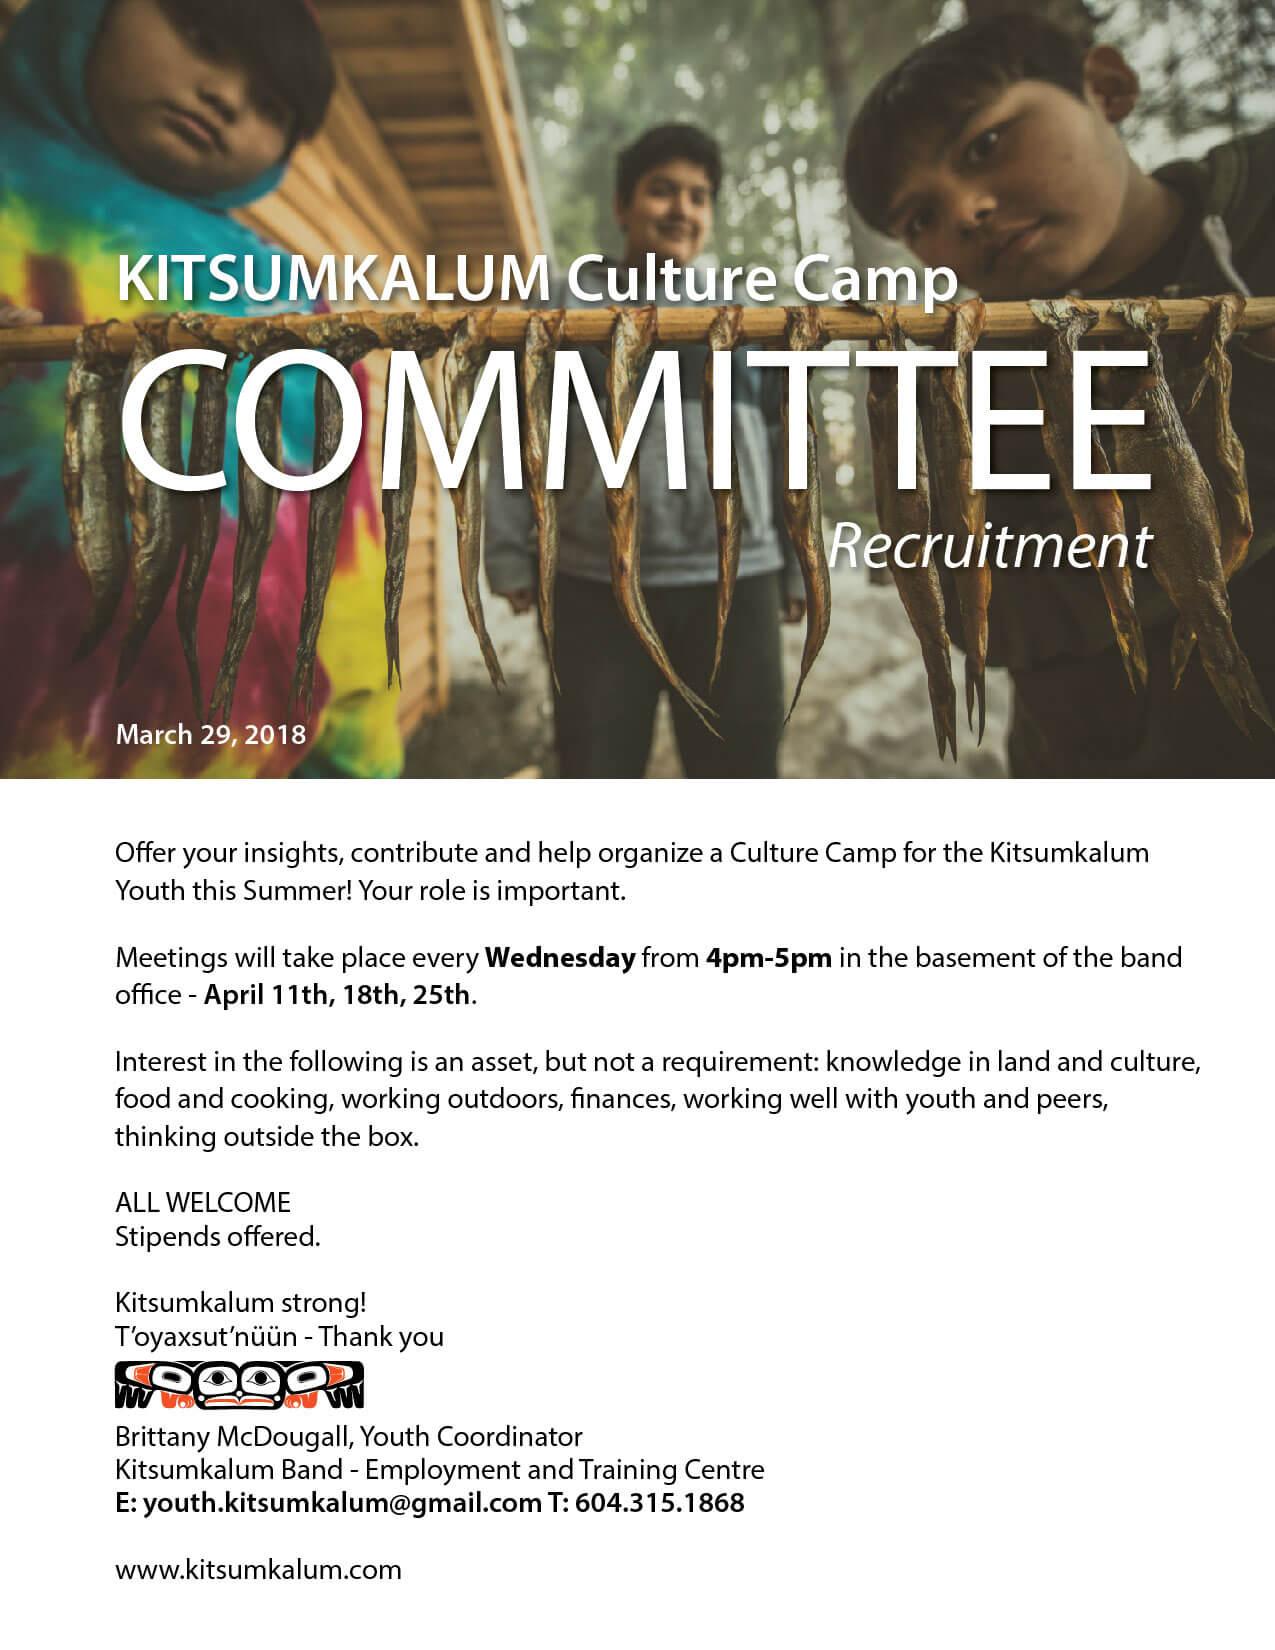 Culture Camp Committee Seeking Members